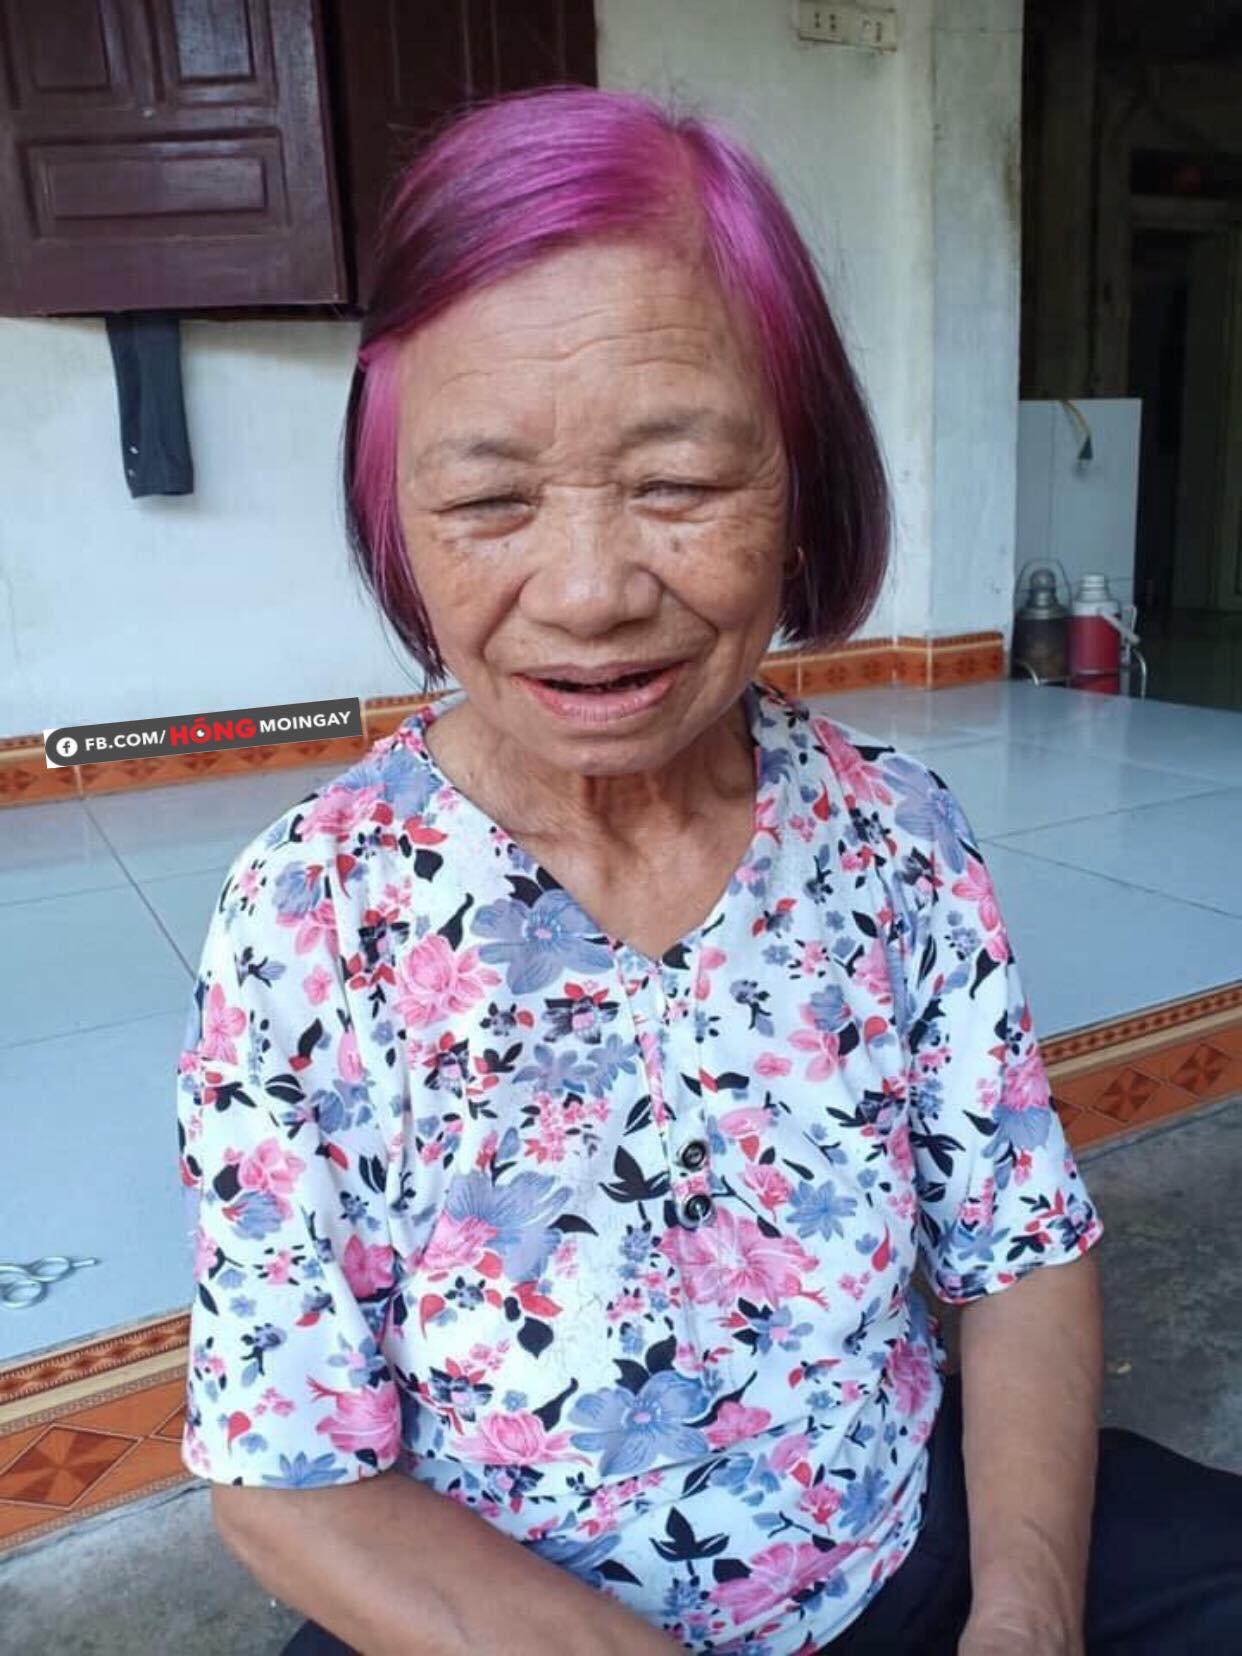 Cụ bà <span class='marker'>mang</span> mái tóc chất nhất MXH <span class='marker'>sở hữu</span> màu tím hồng <span class='marker'>mơ mộng</span> - Ảnh 2.